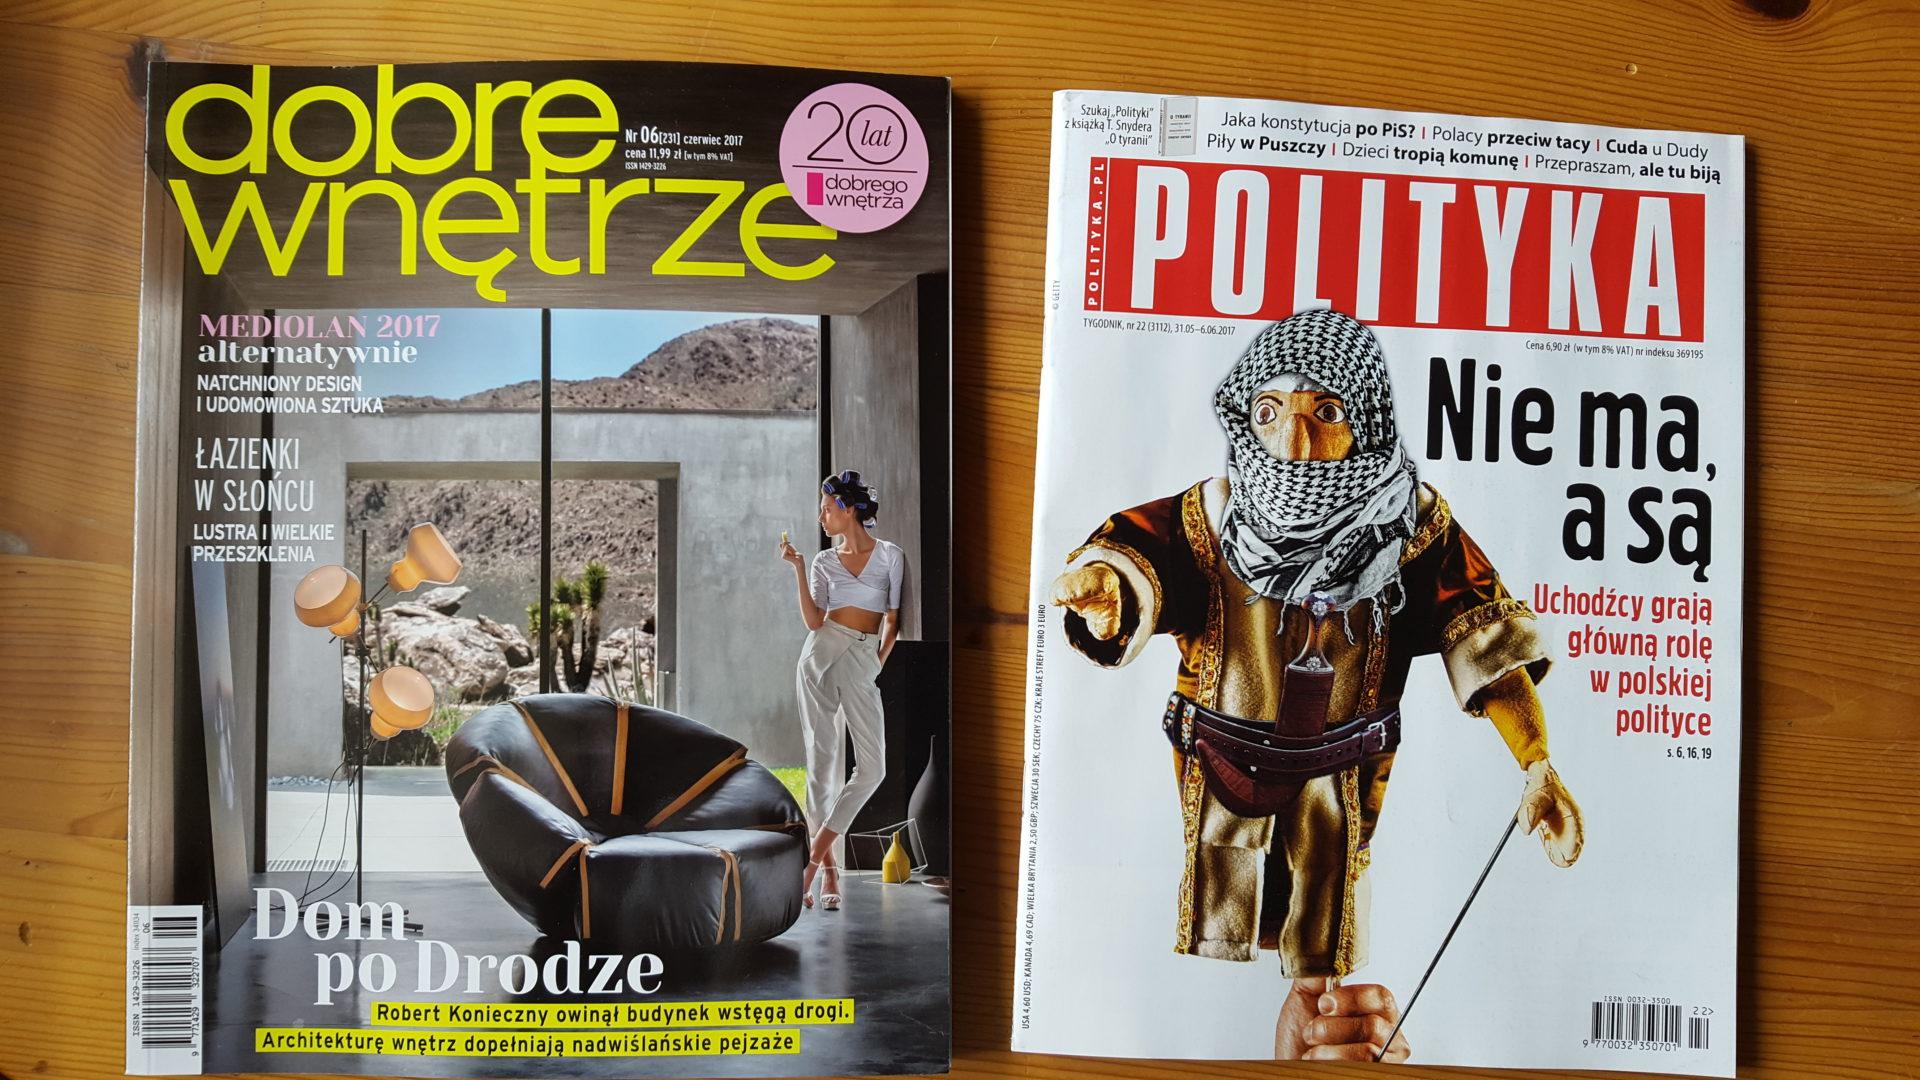 Polityka i Dobre Wnętrze, nasze zdjęcia znów w prasie